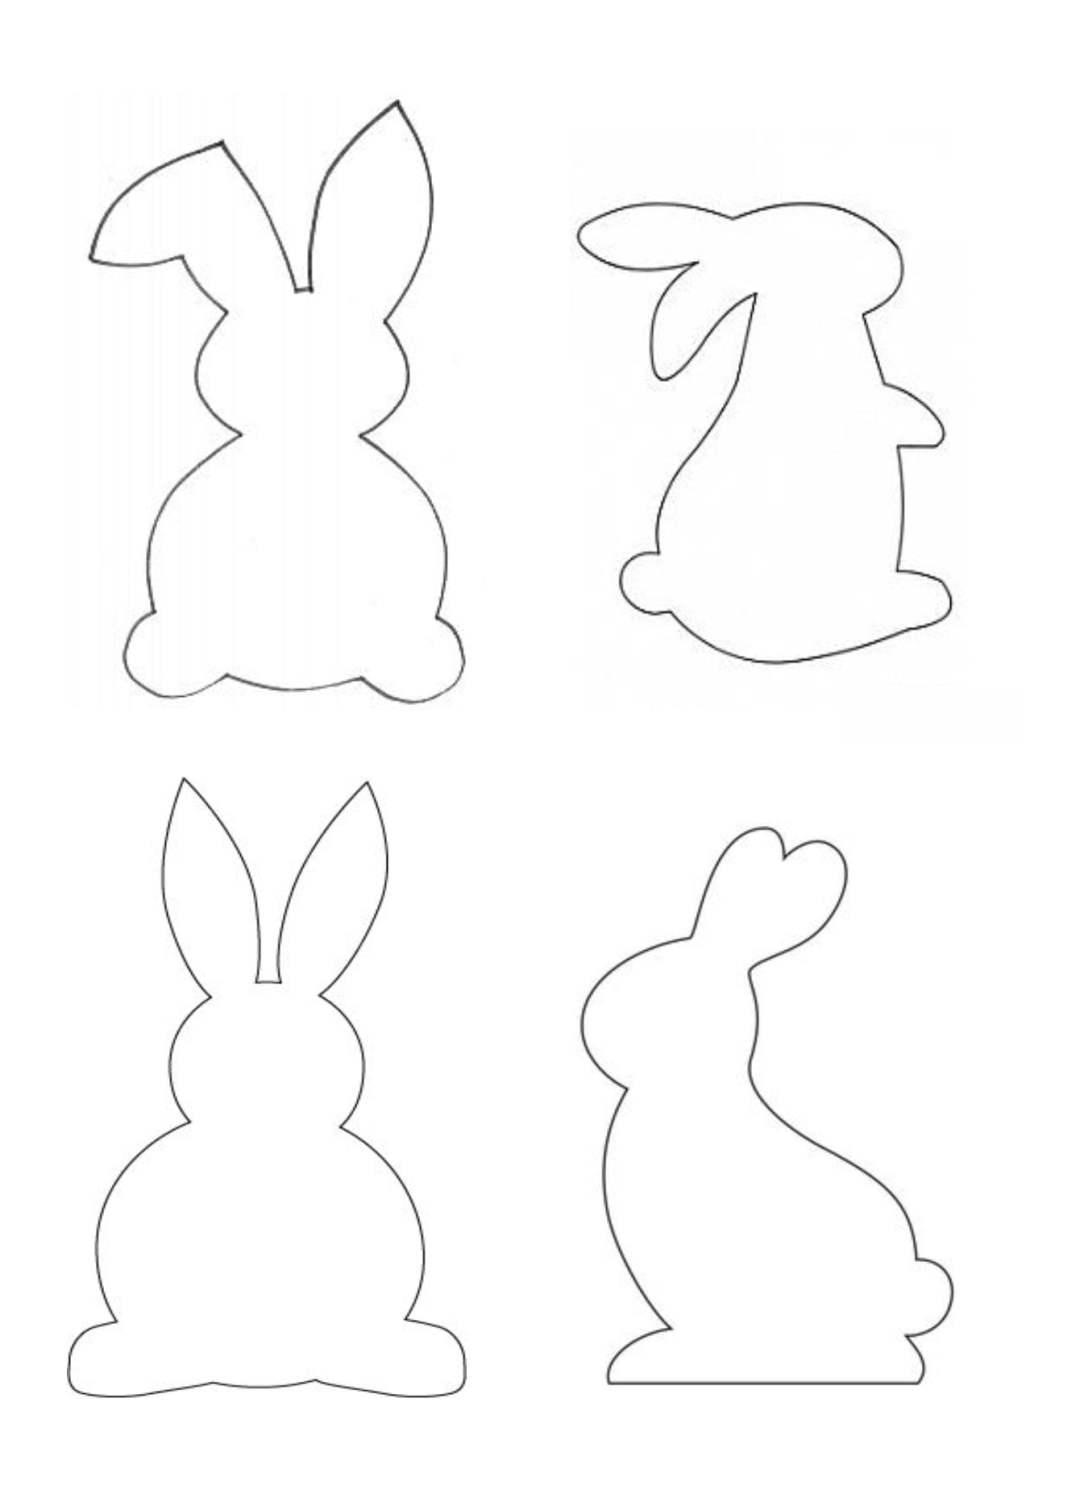 Wielkanocny zajączek w kolorowe paski Alicja Mazur Kreatywnie z dzieckiem Prace plastyczne (Wielkanoc) Wielkanoc Wielkanoc